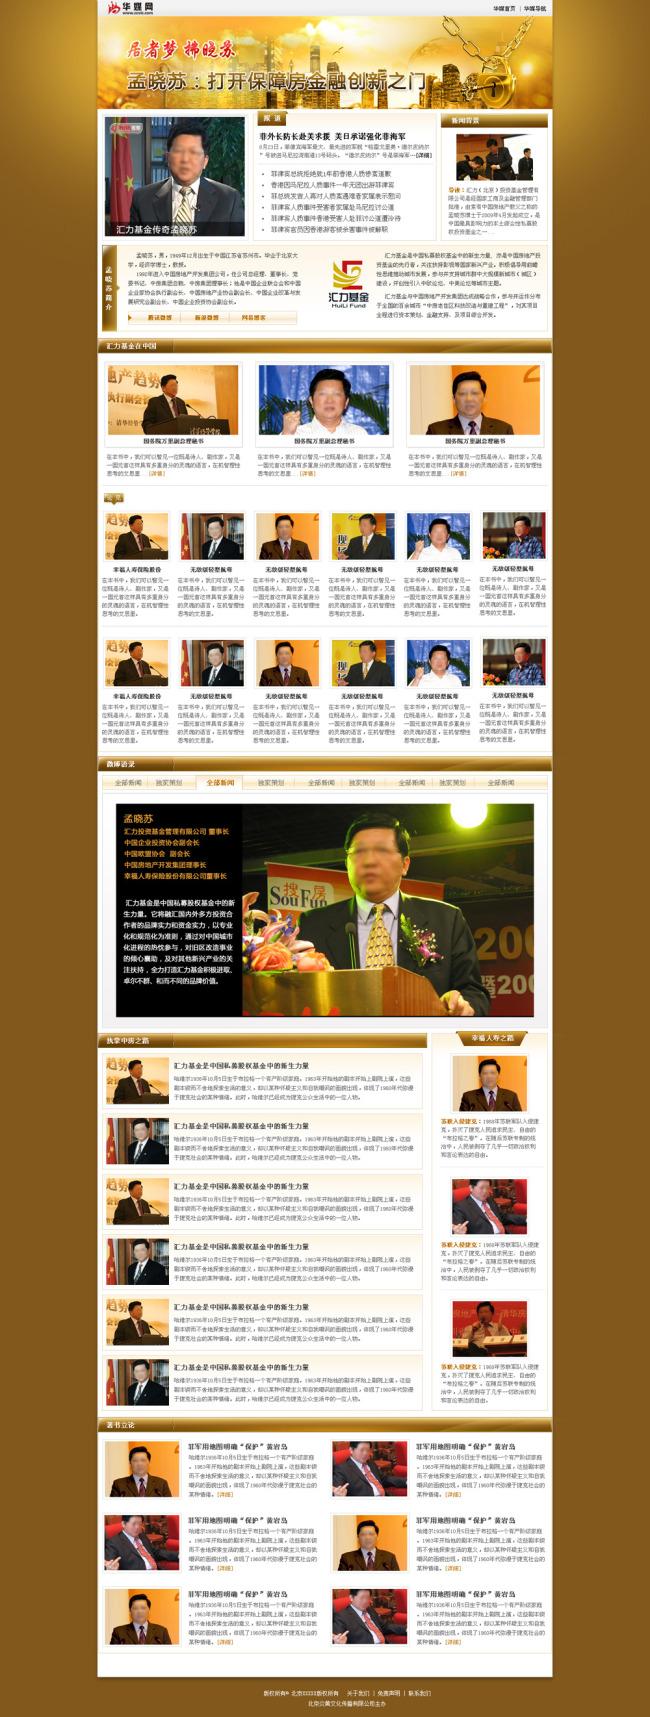 财经资讯类门户网站_【psd】新闻专题网页模版财经网页专题网站设计